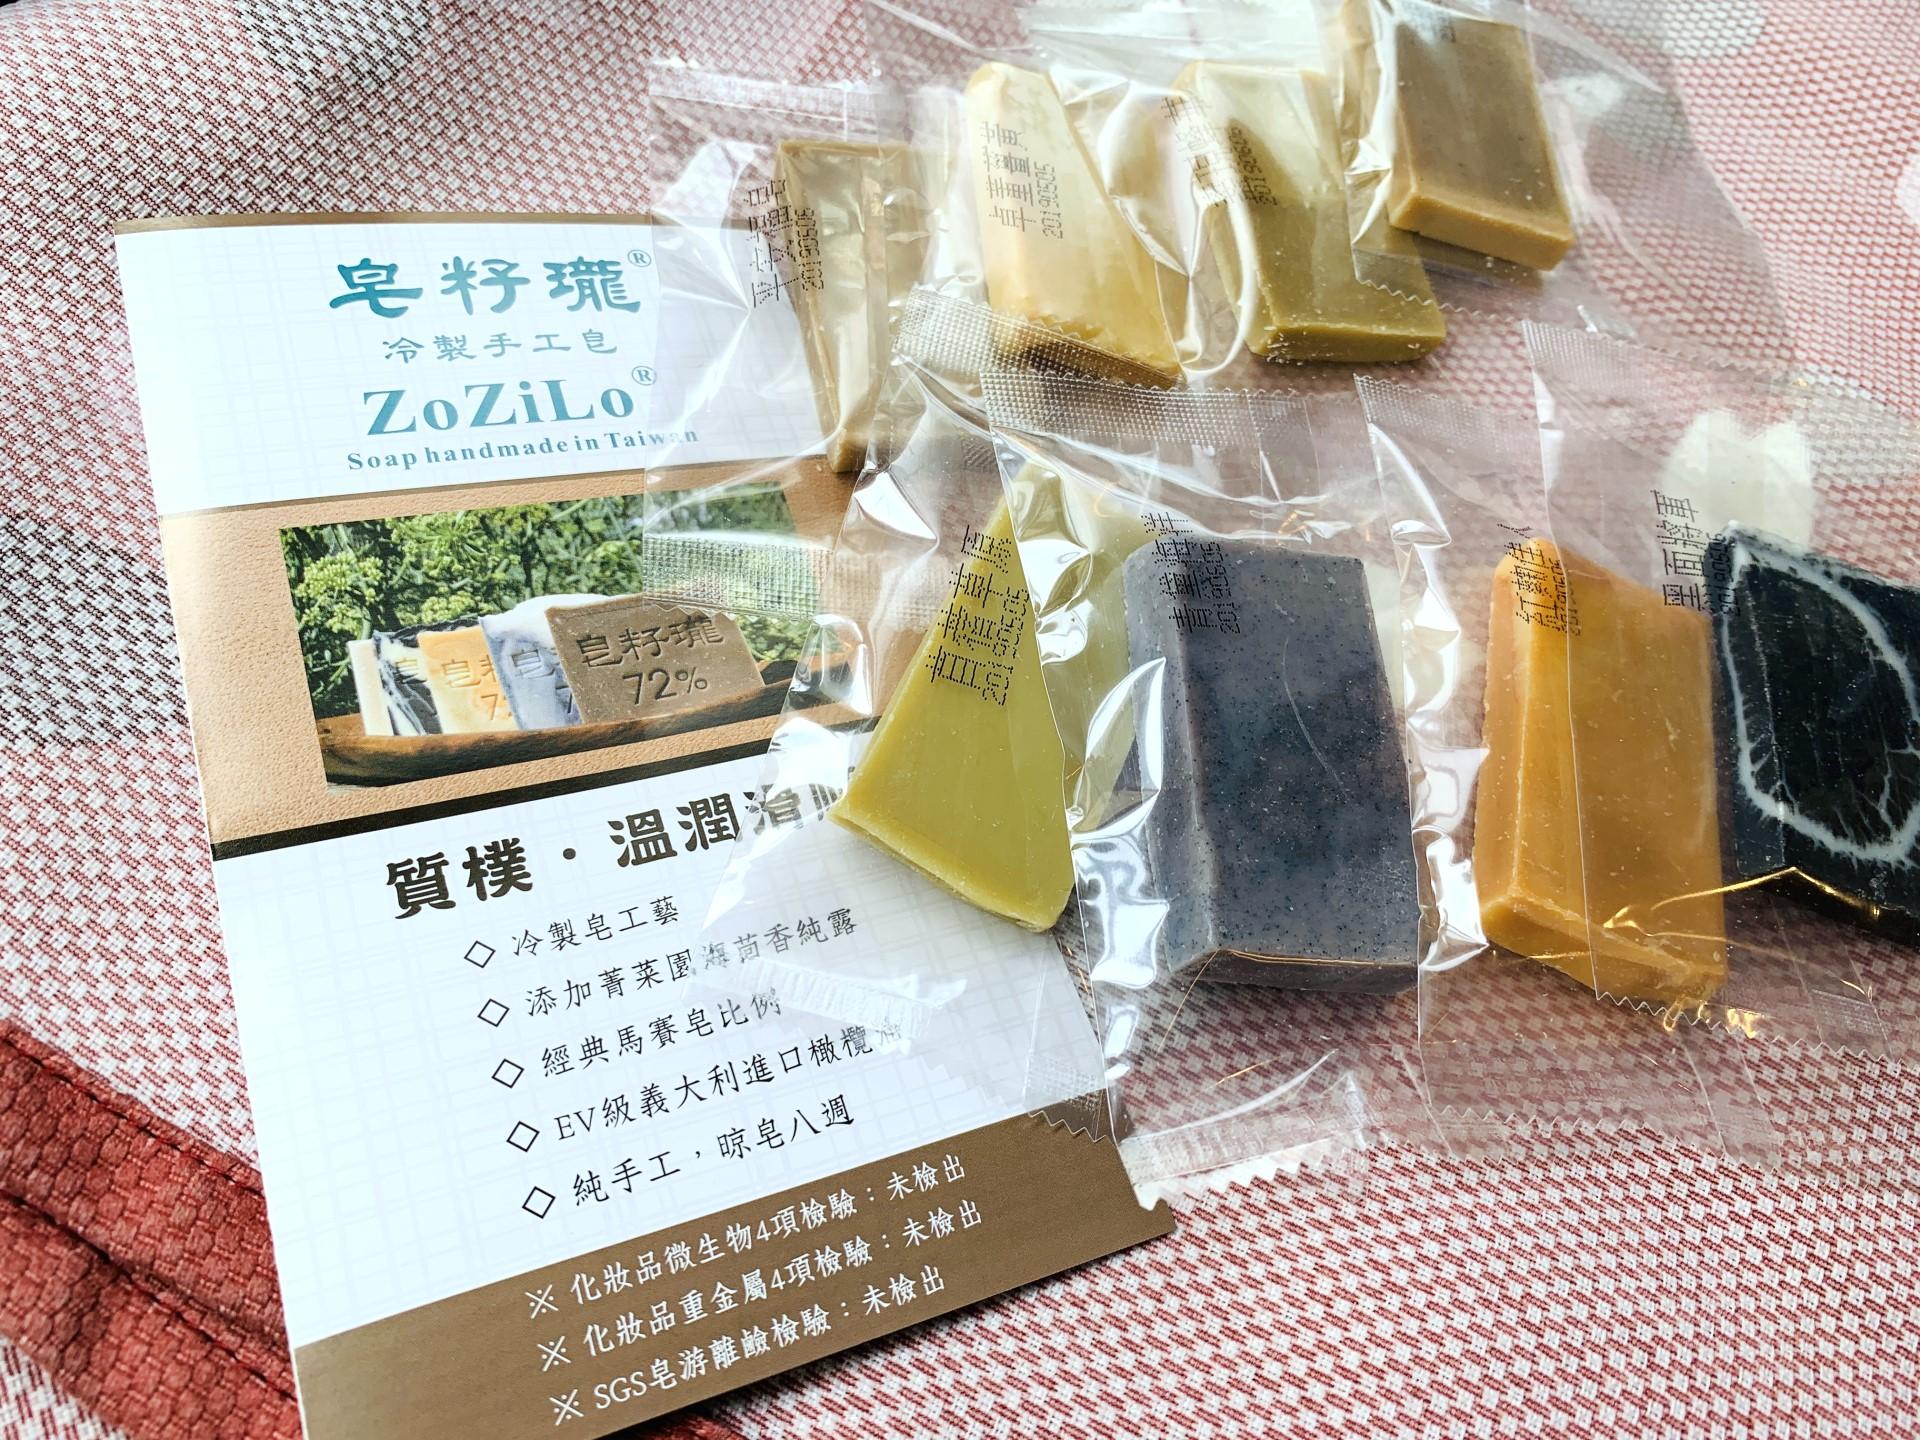 皂籽瓏樣品皂